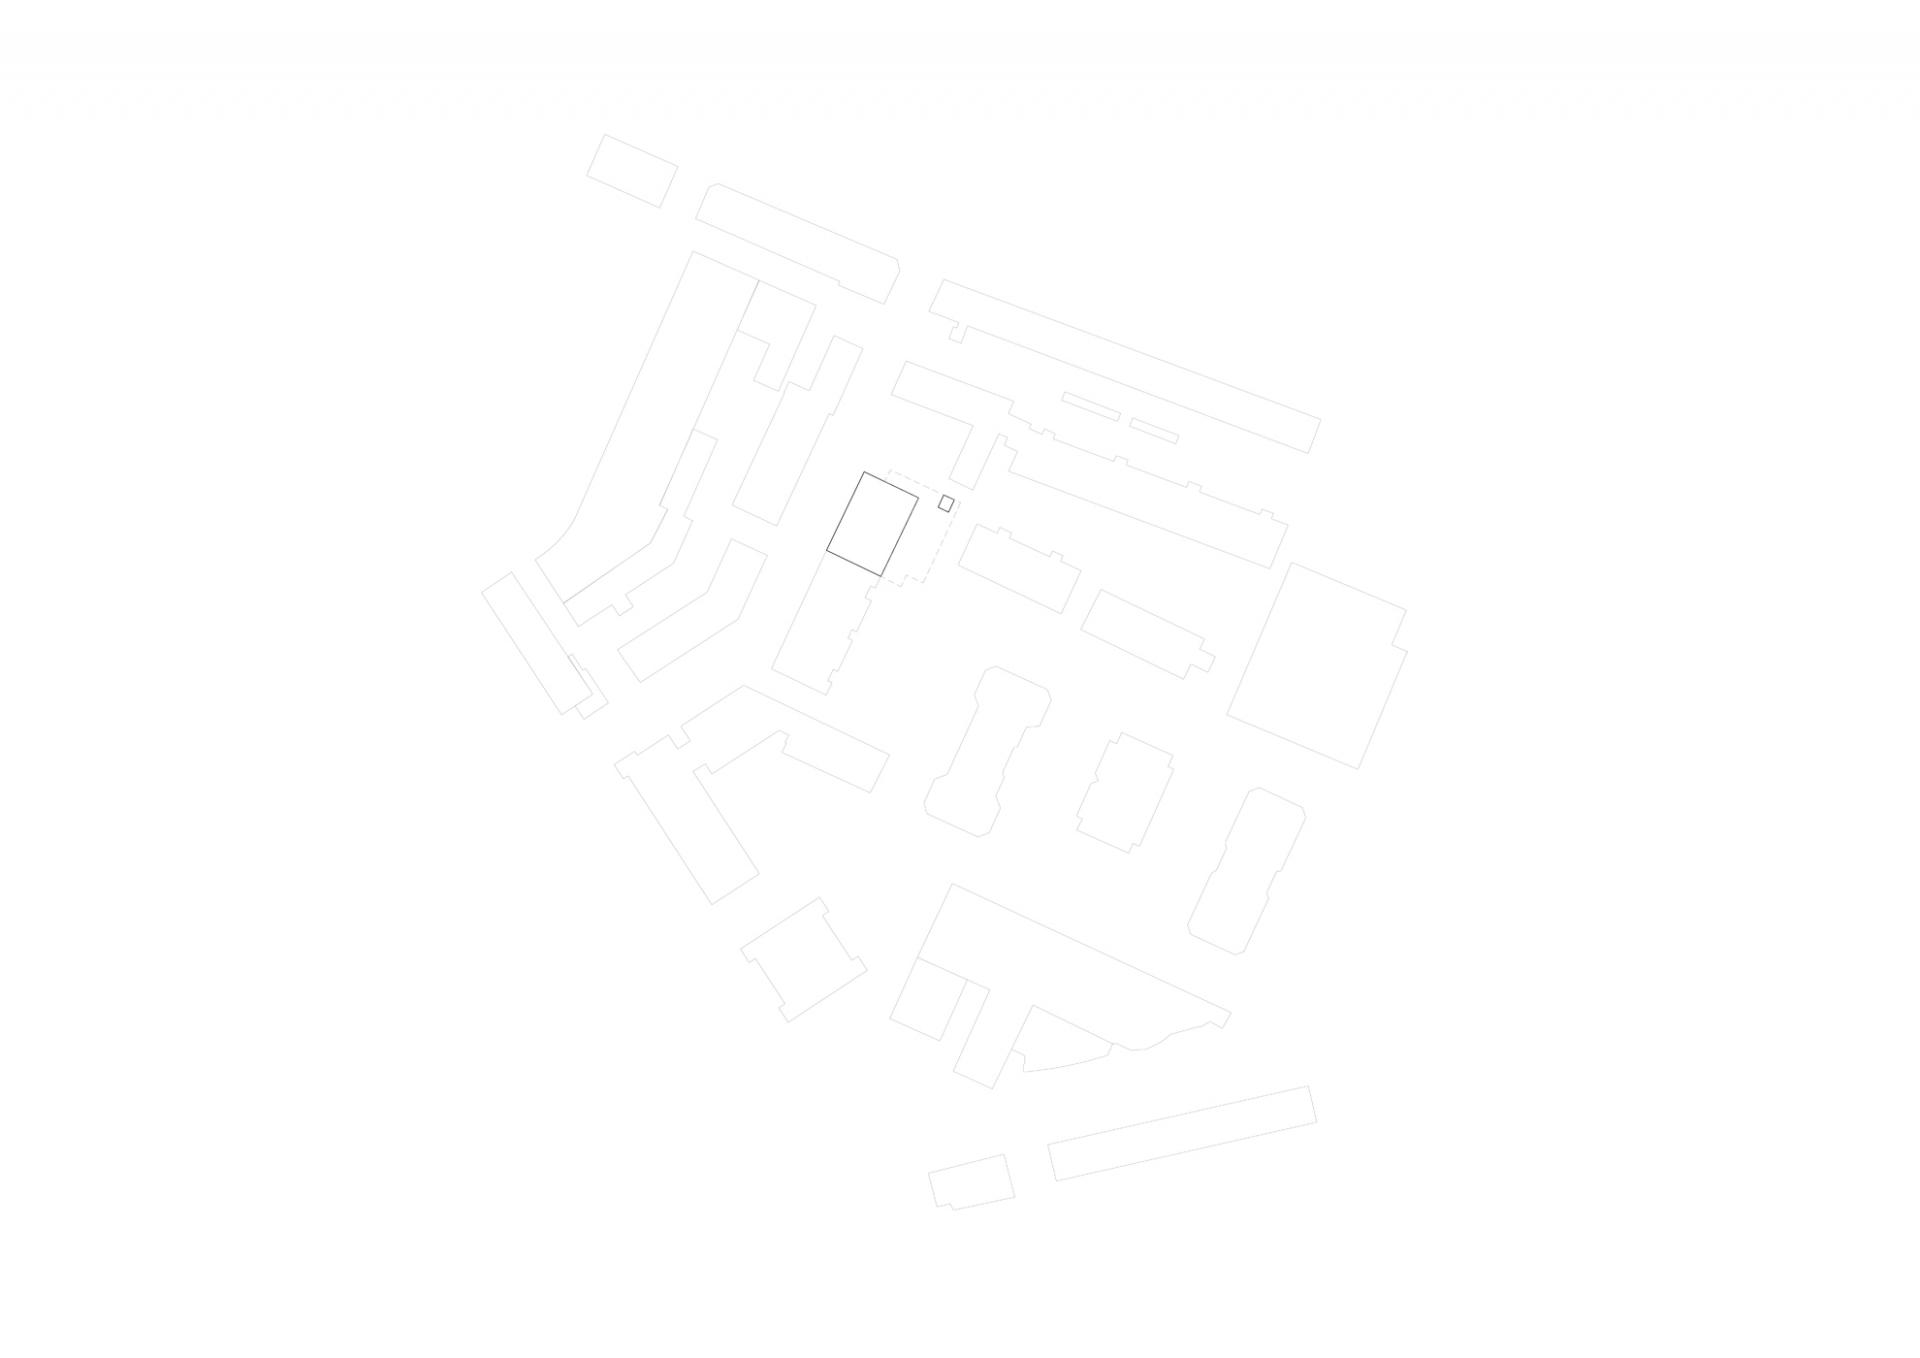 buan-architekten-umbau bueroraeume unterlachenstrasse-situation